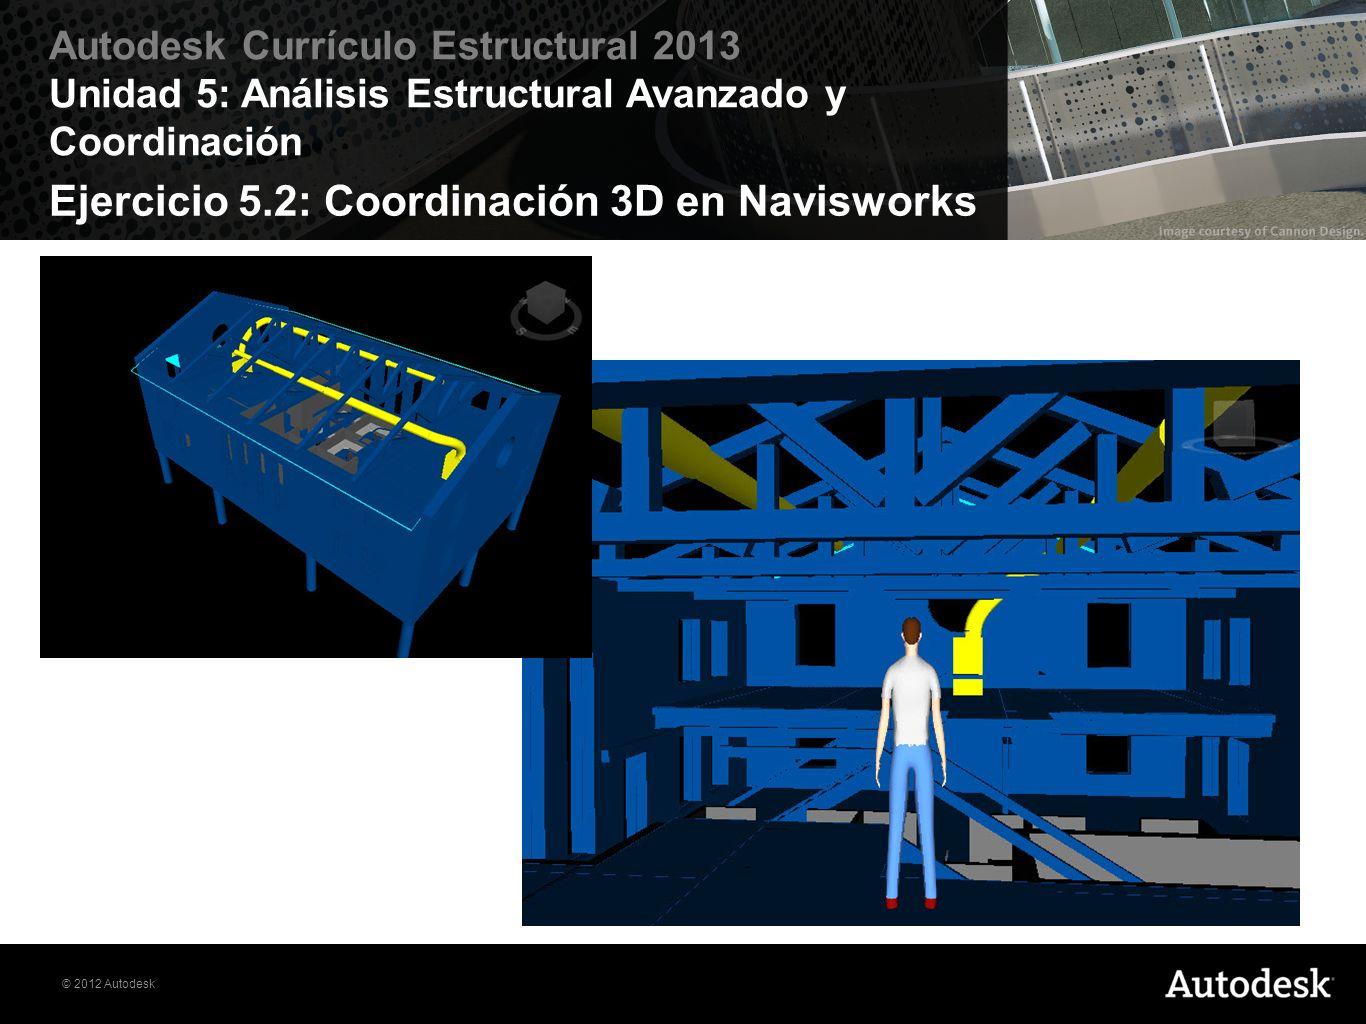 Ejercicio 5.2: Coordinación 3D en Navisworks